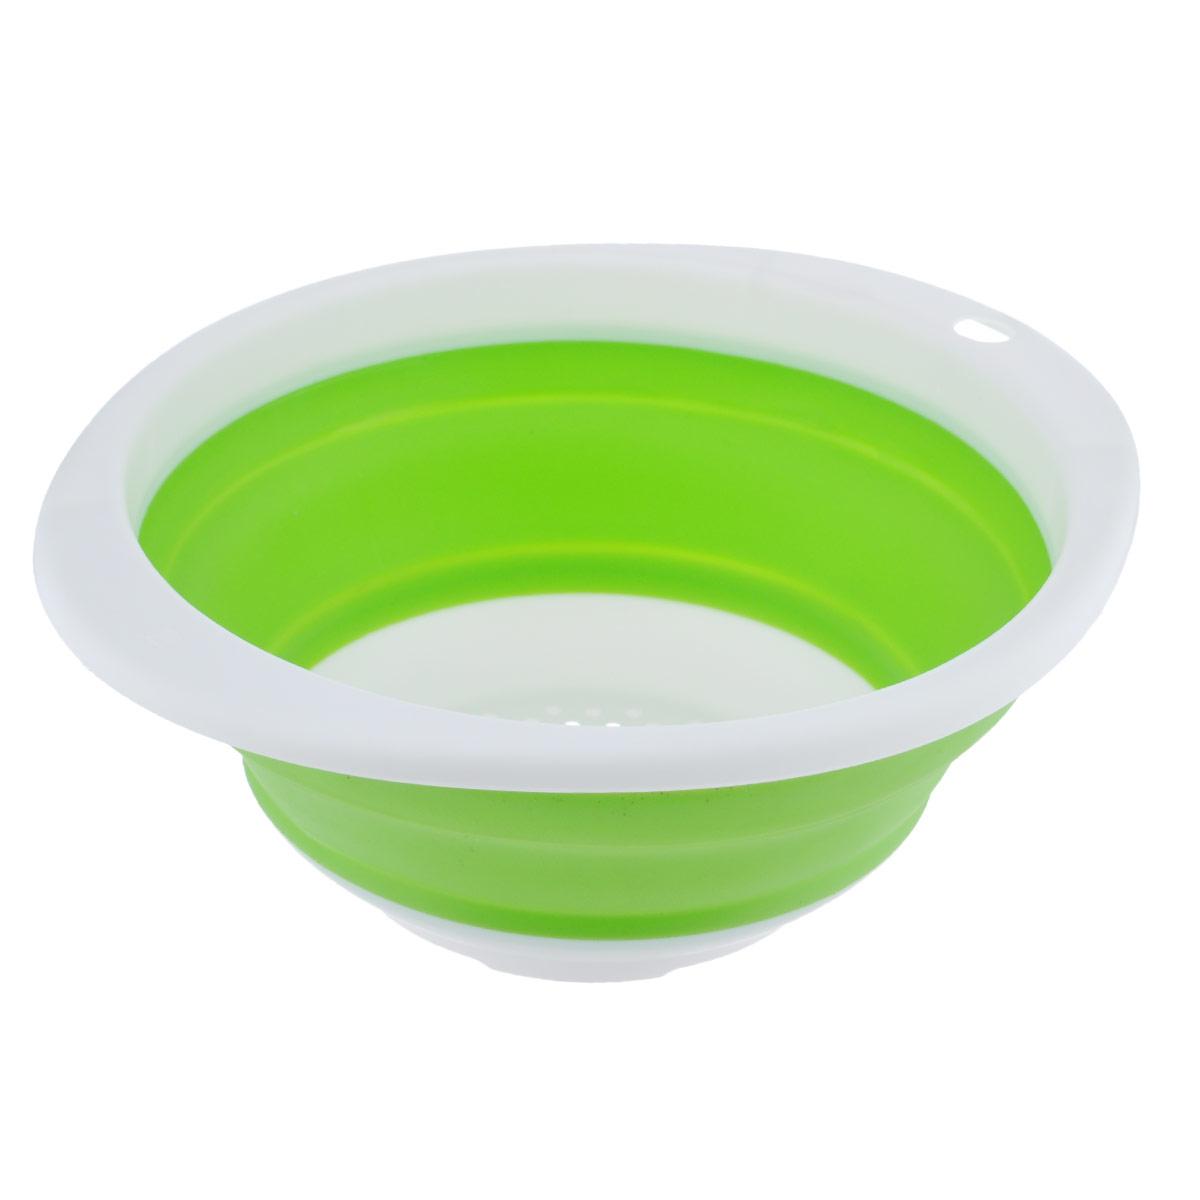 Дуршлаг Идея, складной, цвет: зеленый. CLD-02CLD-02_зеленыйДуршлаг складной Идея, изготовленный из высококачественного пищевого силикона, станет полезным приобретением для вашей кухни. Он идеально подходит для процеживания, ополаскивания и стекания макарон, овощей, фруктов. Нельзя мыть и сушить в посудомоечной машине.Внутренний диаметр: 18 см.Размер (в разложенном виде): 23 см х 20 см х 9 см.Размер (в сложенном виде): 23 см х 20 см х 3 см.